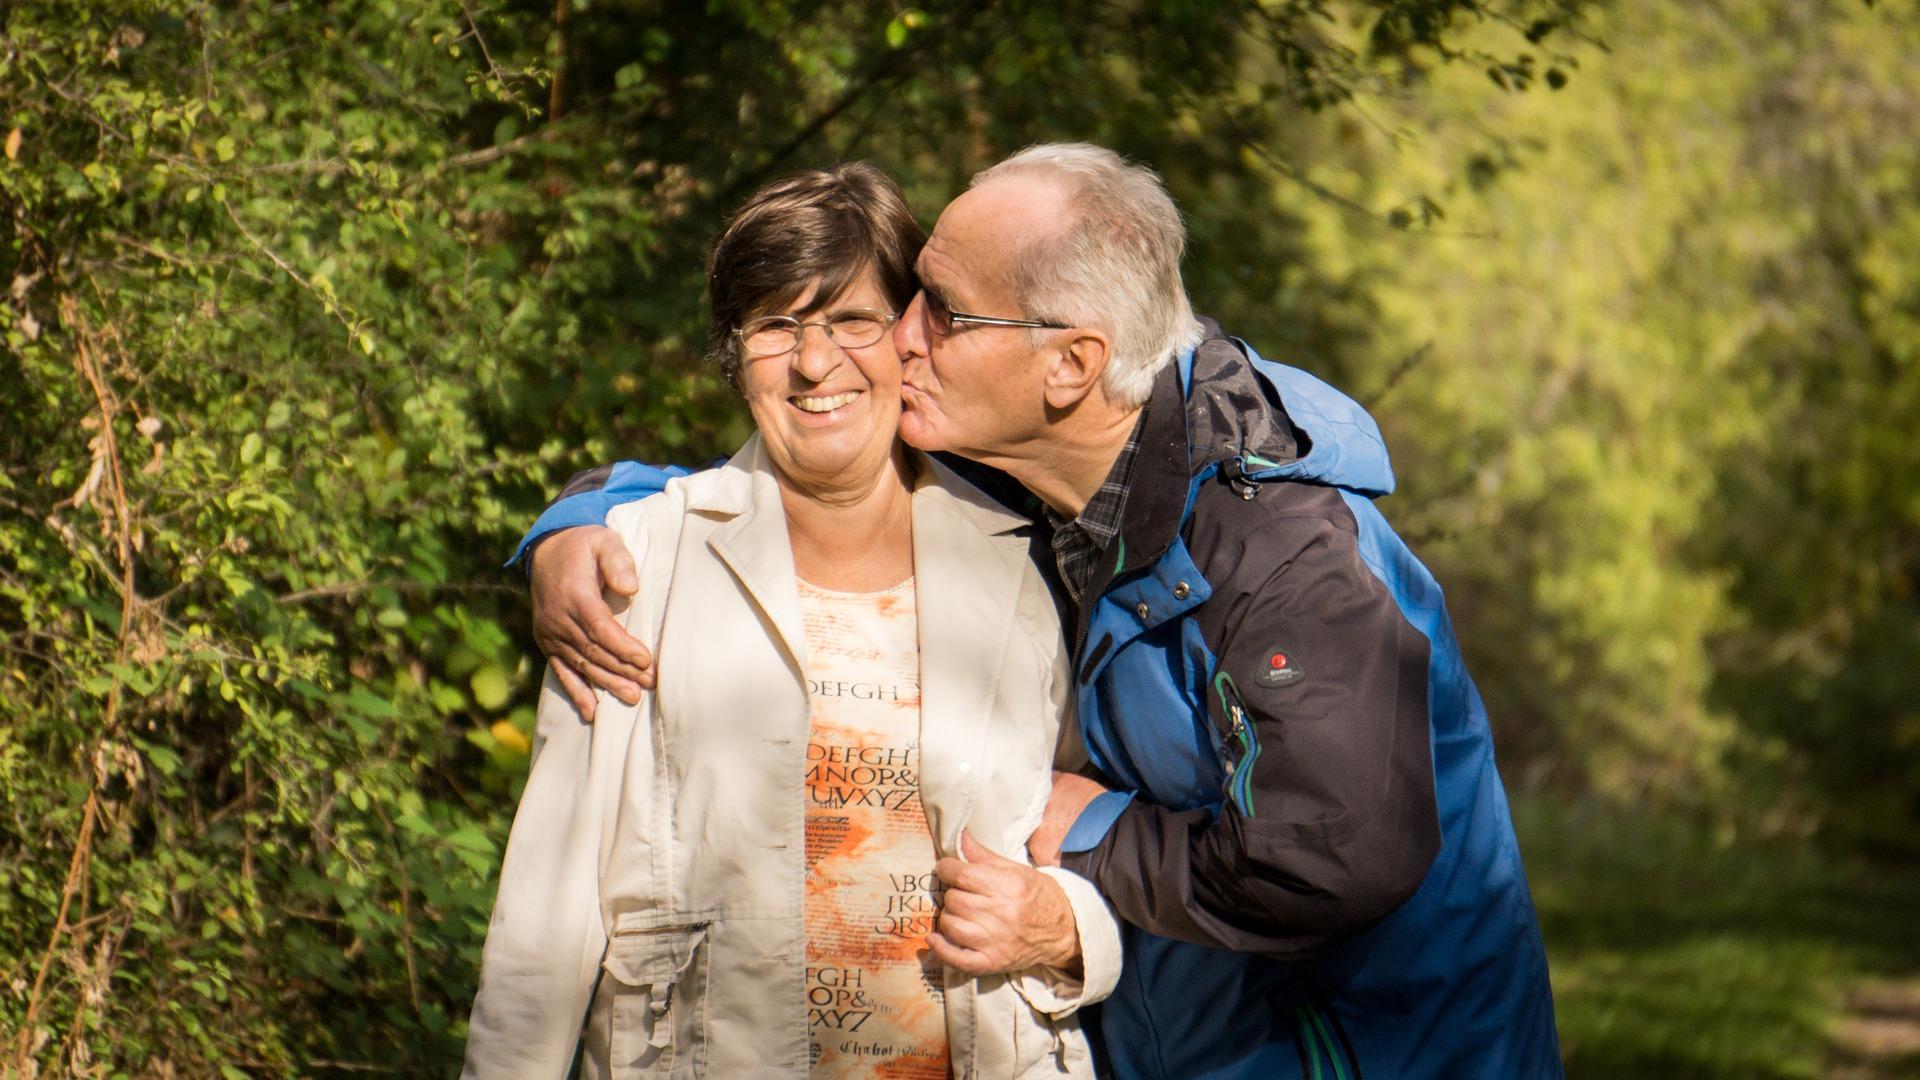 Magnezij pomemben za preprečevanje demence